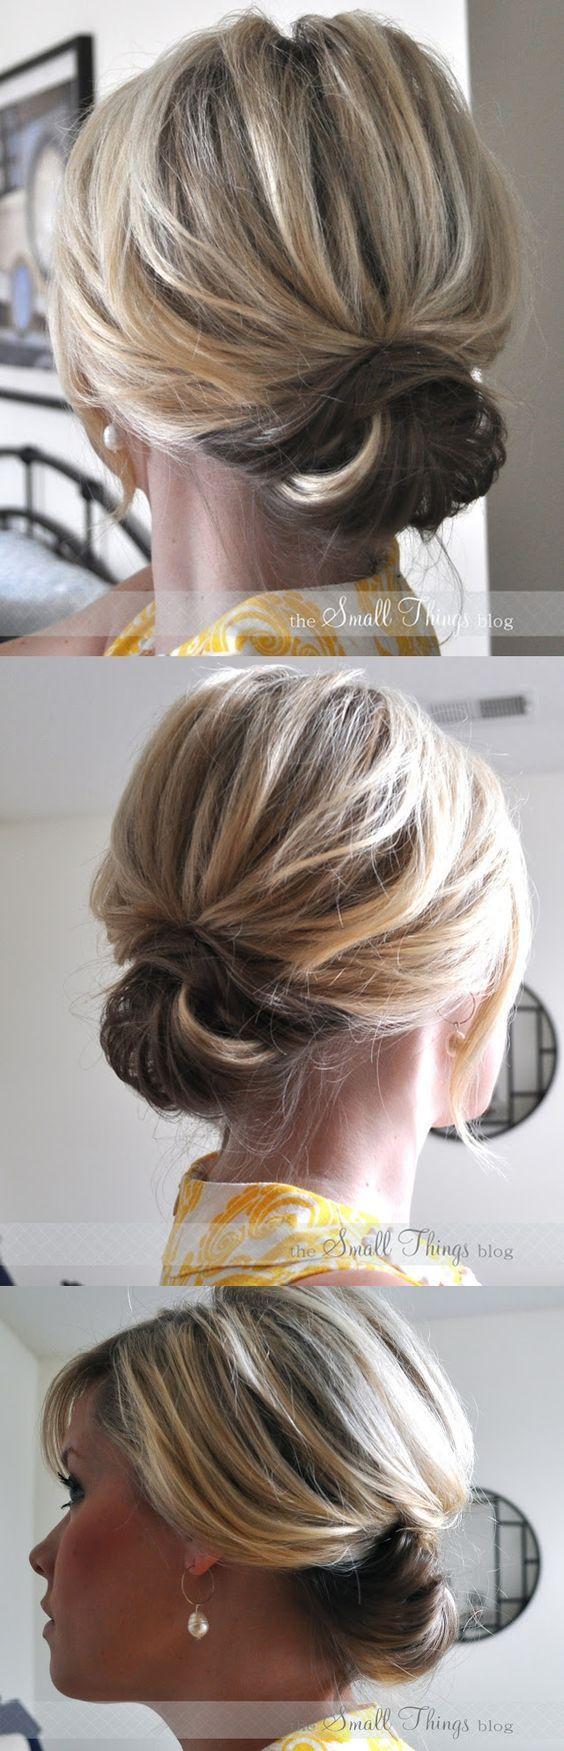 Diy Hairstyle Chic Up Do For Short Hair Step By Step Video Tutorial Frisur Hochgesteckt Trendige Frisuren Hochsteckfrisur